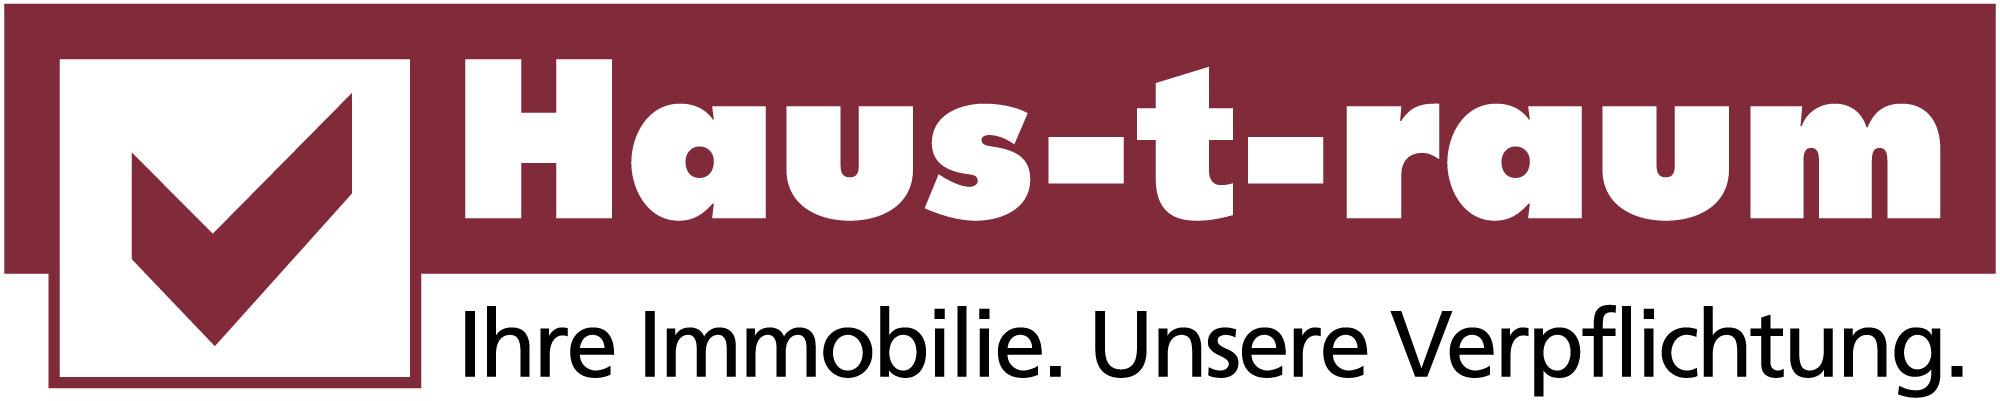 Hier sehen Sie das Logo von Haus-t-raum Immobilien GmbH